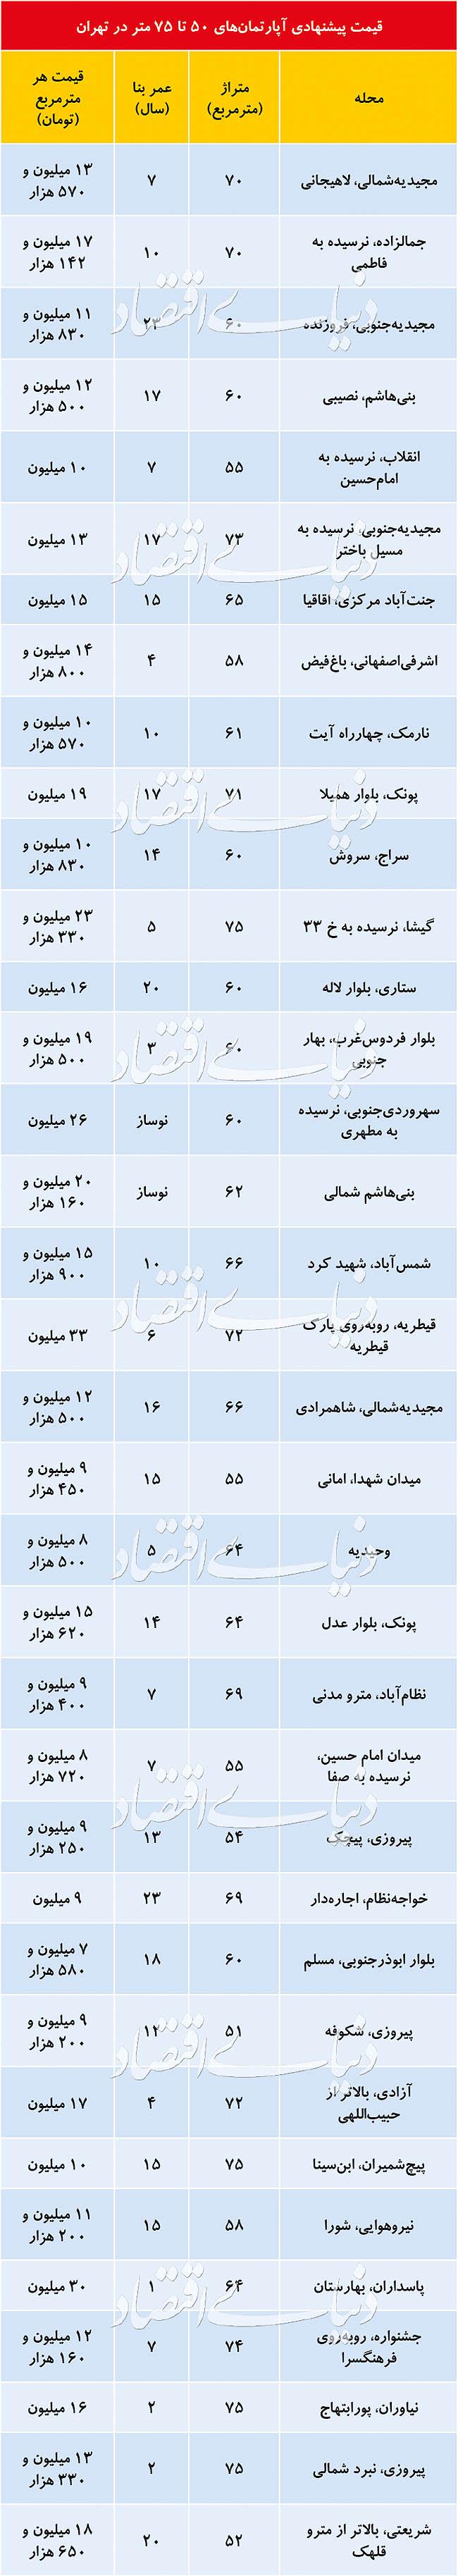 (جدول) قیمت آپارتمانهای ۵۰ تا ۷۵ متری